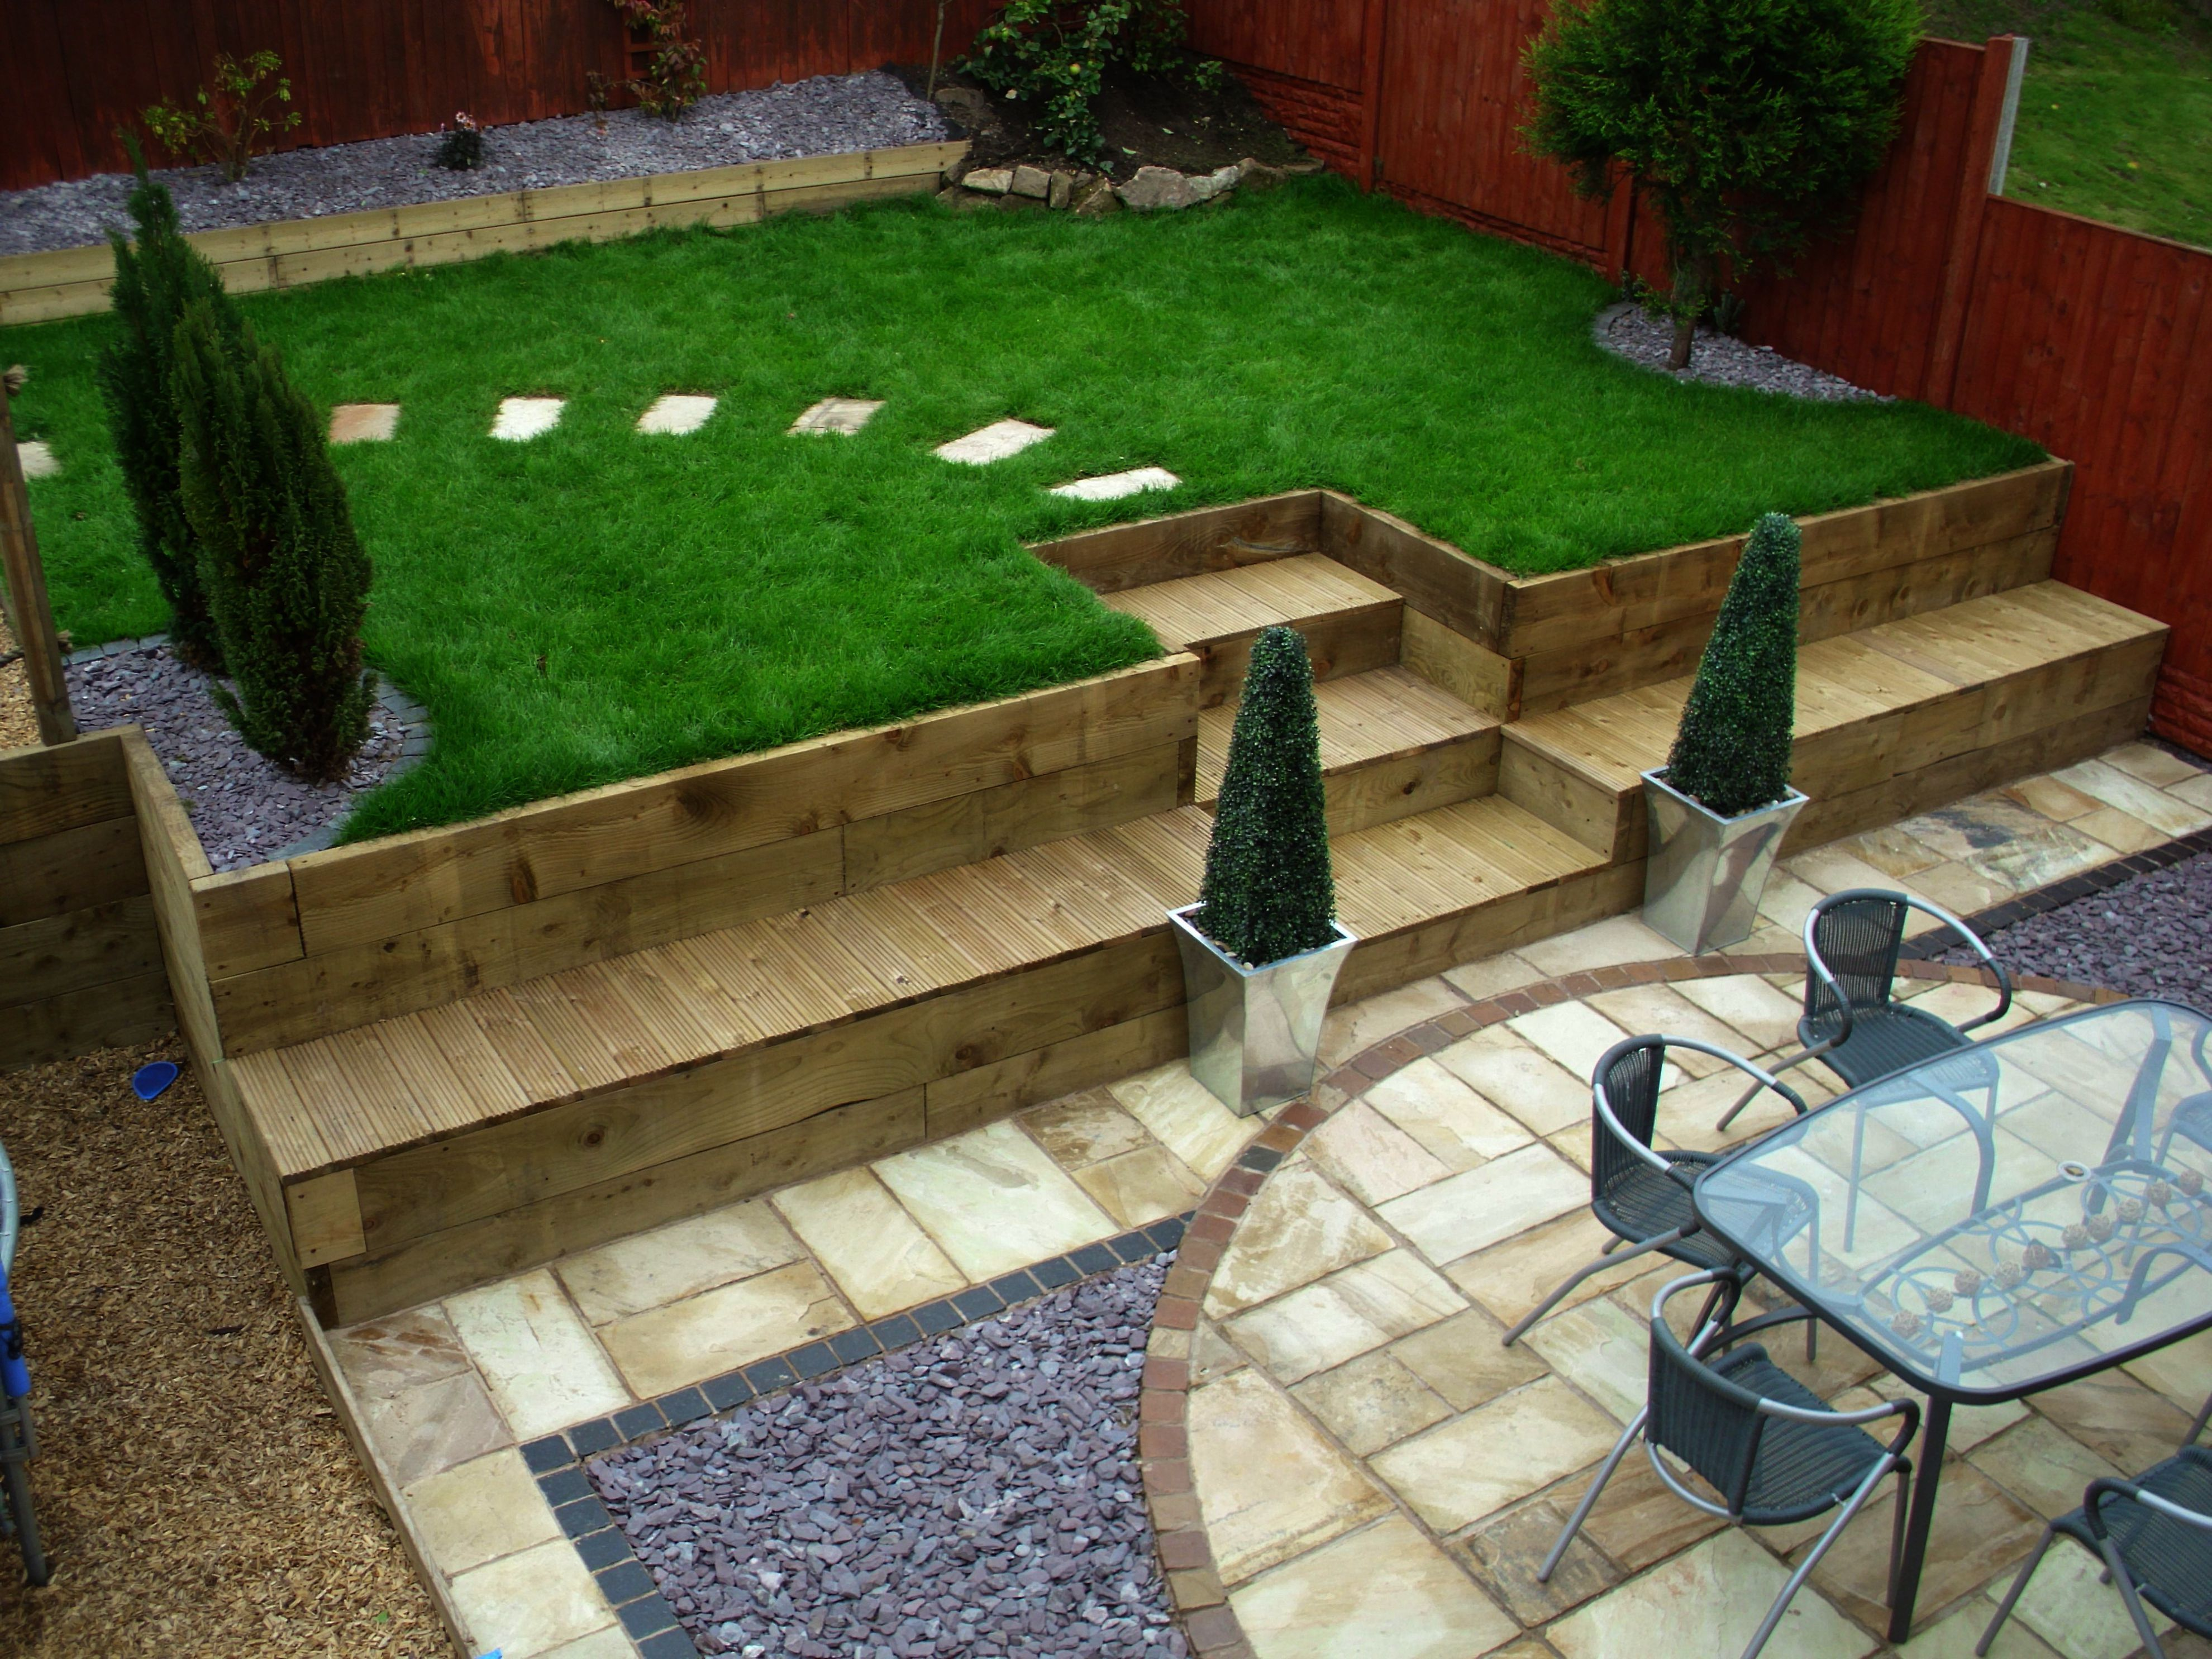 Landscape Gardening Services Until Landscape Gardening Courses In Scotland Long Landscape Gardening Gosport Sloped Garden Sloped Backyard Backyard Landscaping